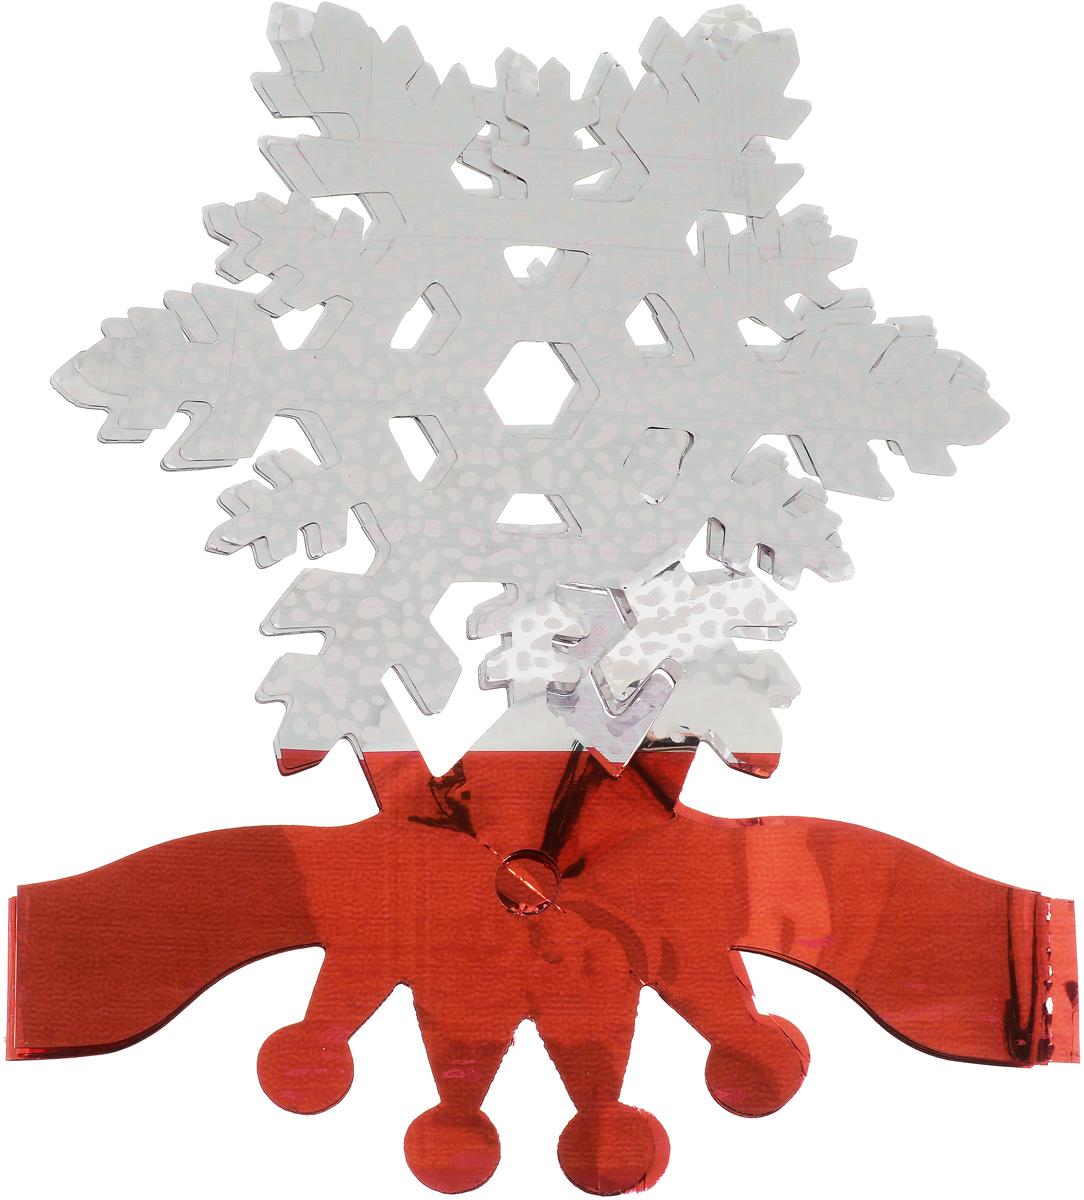 Новогодняя гирлянда Magic Time, цвет: красный, серебристый, 2,7 м30982_красный, серебристыйНовогодняя гирлянда Magic Time прекрасно подойдет для декора дома или офиса. Украшение выполнено из металлизированной фольги в виде снежинок. С помощью специальных петелек его можно повесить в любом понравившемся вам месте. Легко складывается и раскладывается. Новогодние украшения несут в себе волшебство и красоту праздника. Они помогут вам украсить дом к предстоящим праздникам и оживить интерьер по вашему вкусу. Создайте в доме атмосферу тепла, веселья и радости, украшая его всей семьей.Коллекция декоративных украшений из серии Magic Time принесет в ваш дом ни с чем несравнимое ощущение волшебства!Размер гирлянды (в собранном виде): 21 х 17 см.